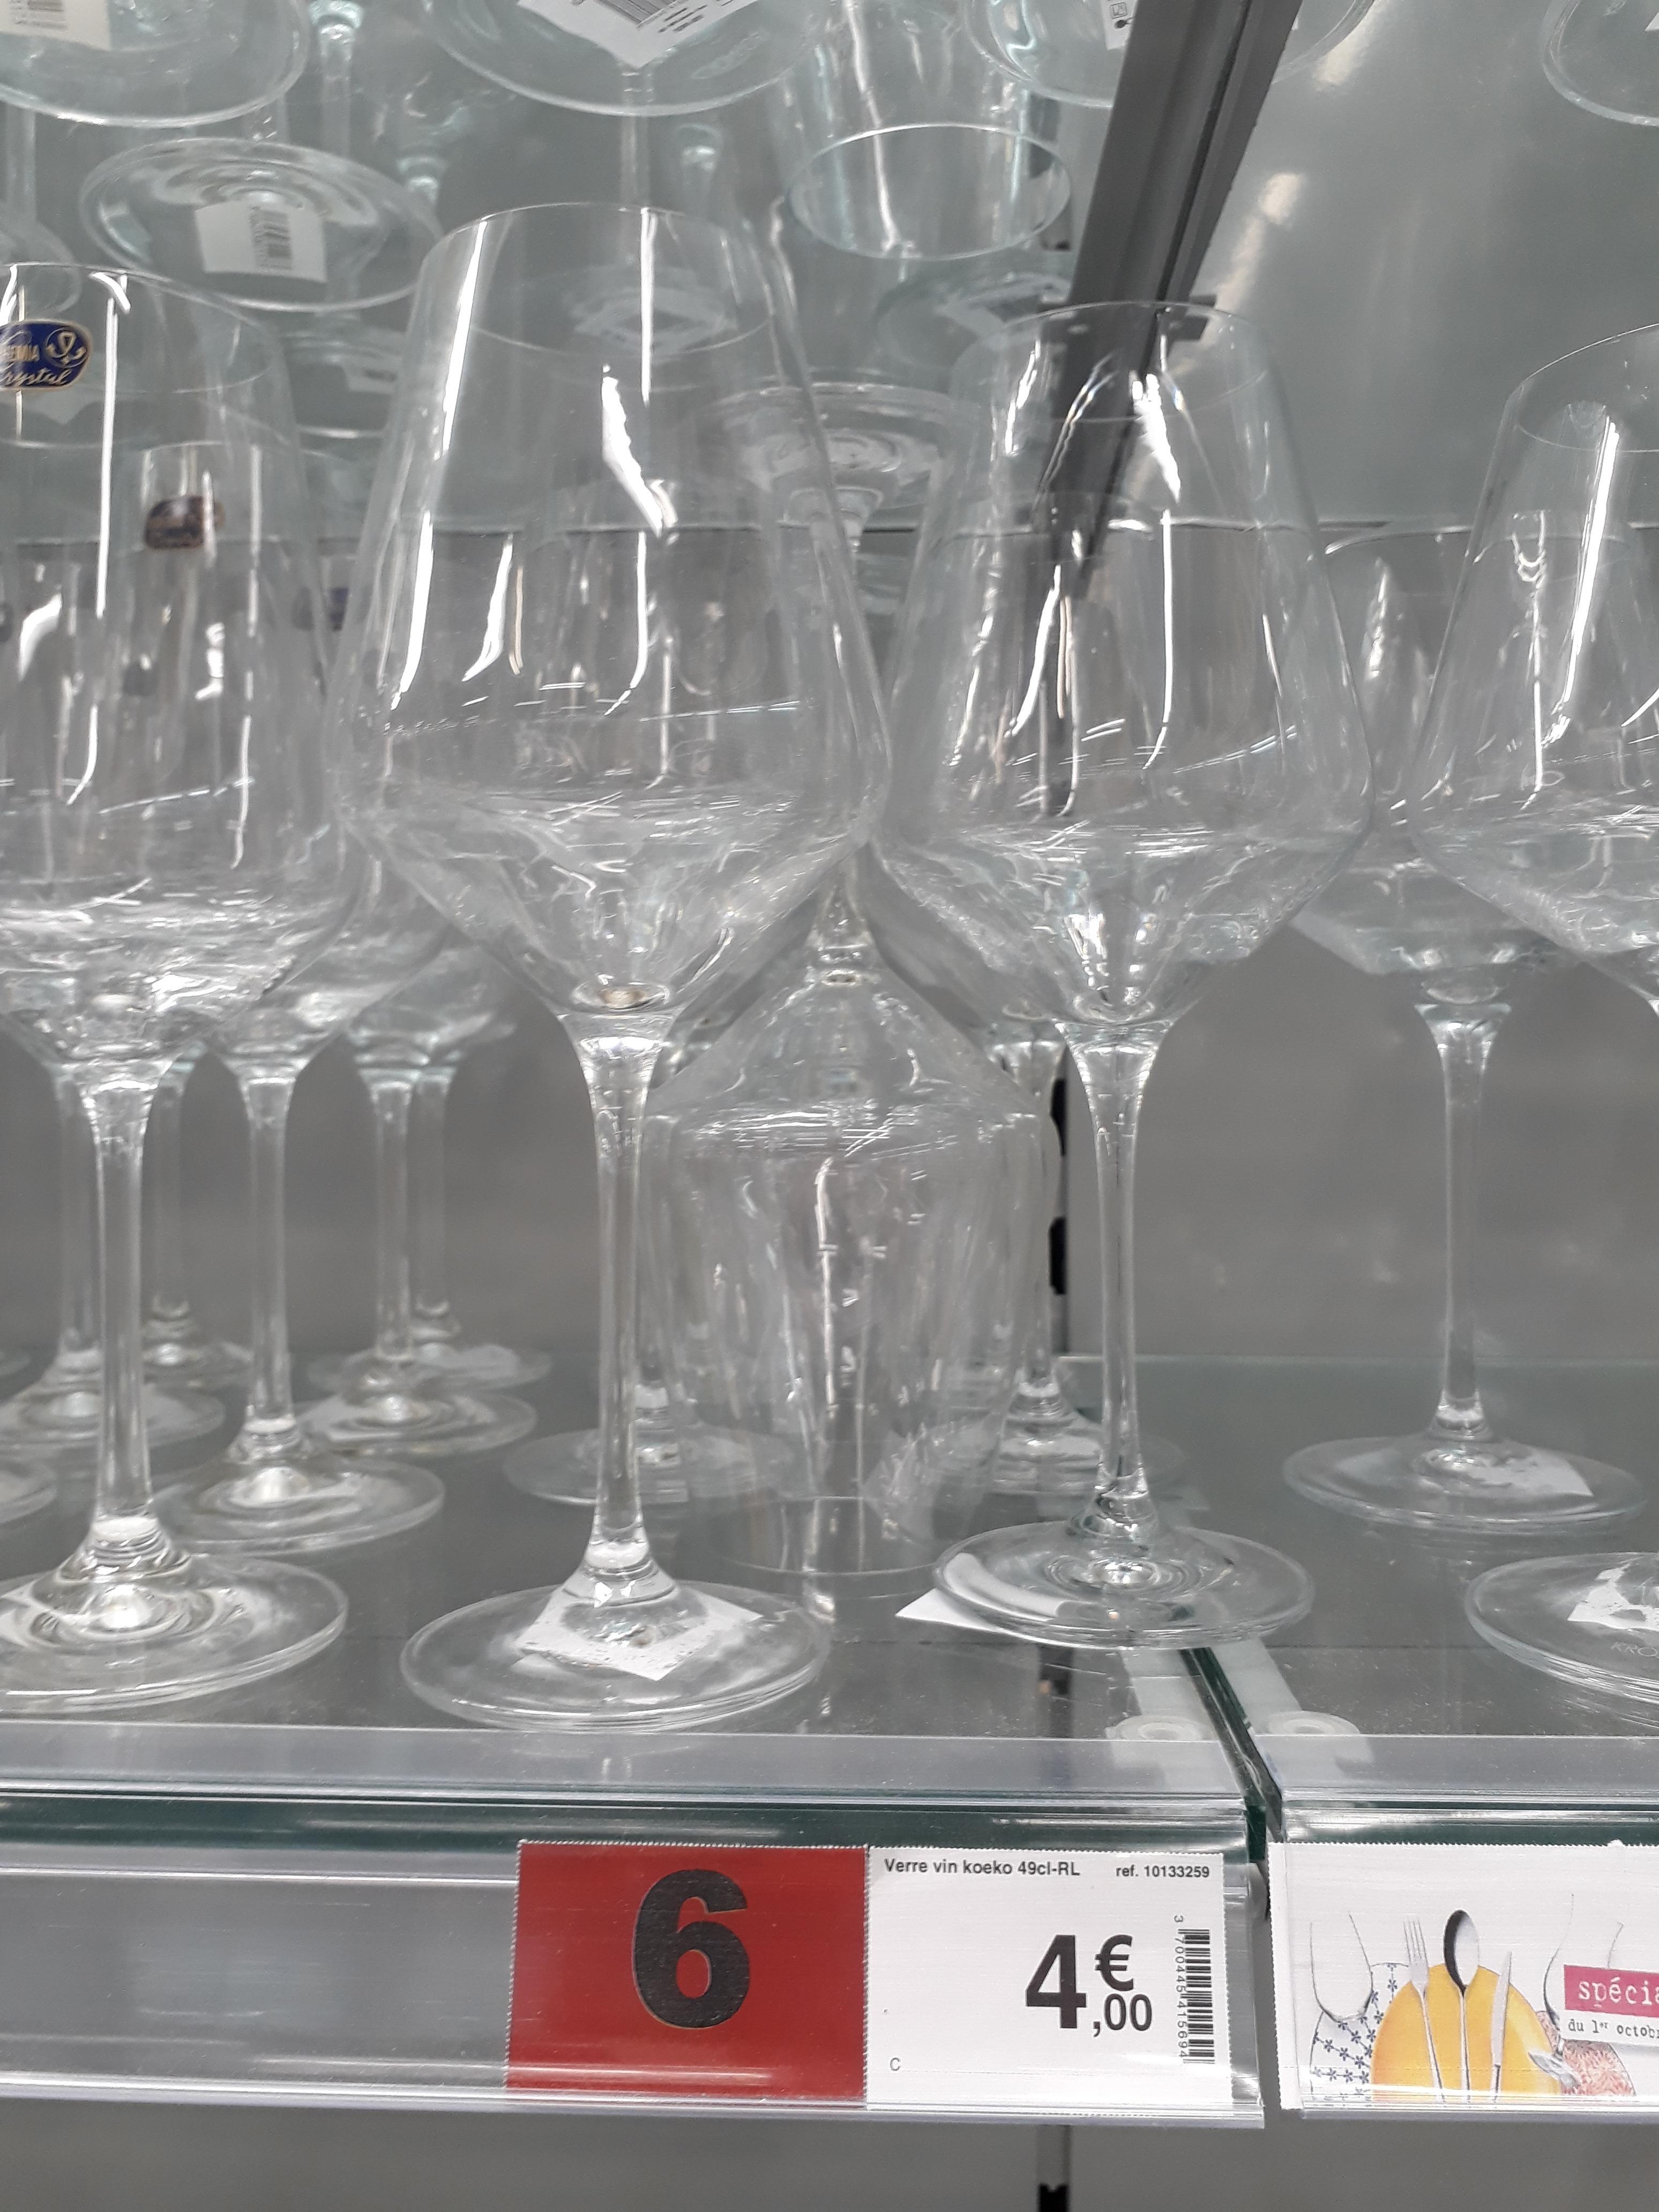 J'ai testé pour vous les Verres vins rouge Keoko 49cl